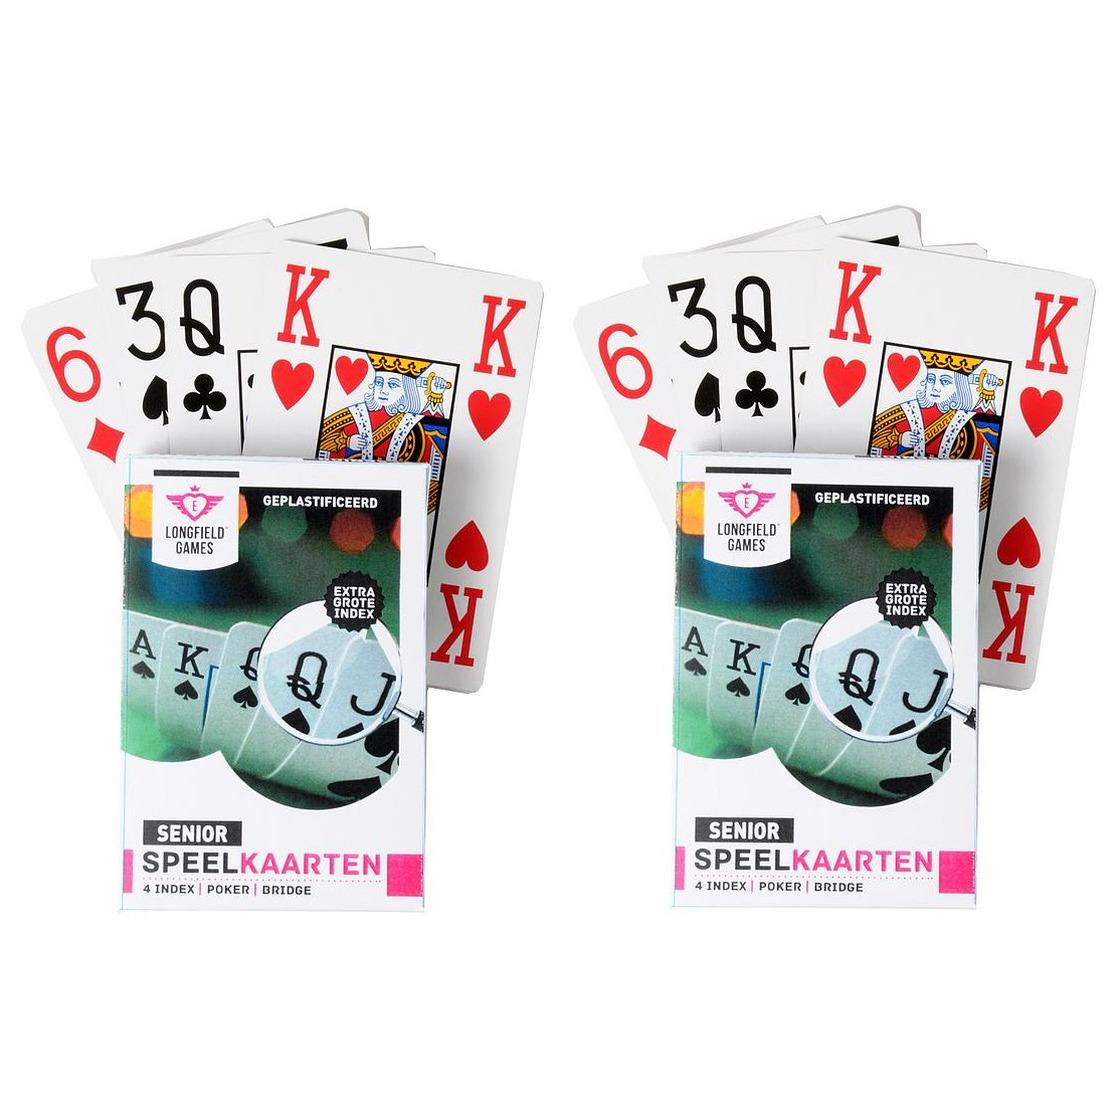 5x senioren speelkaarten plastic poker bridge kaartspel